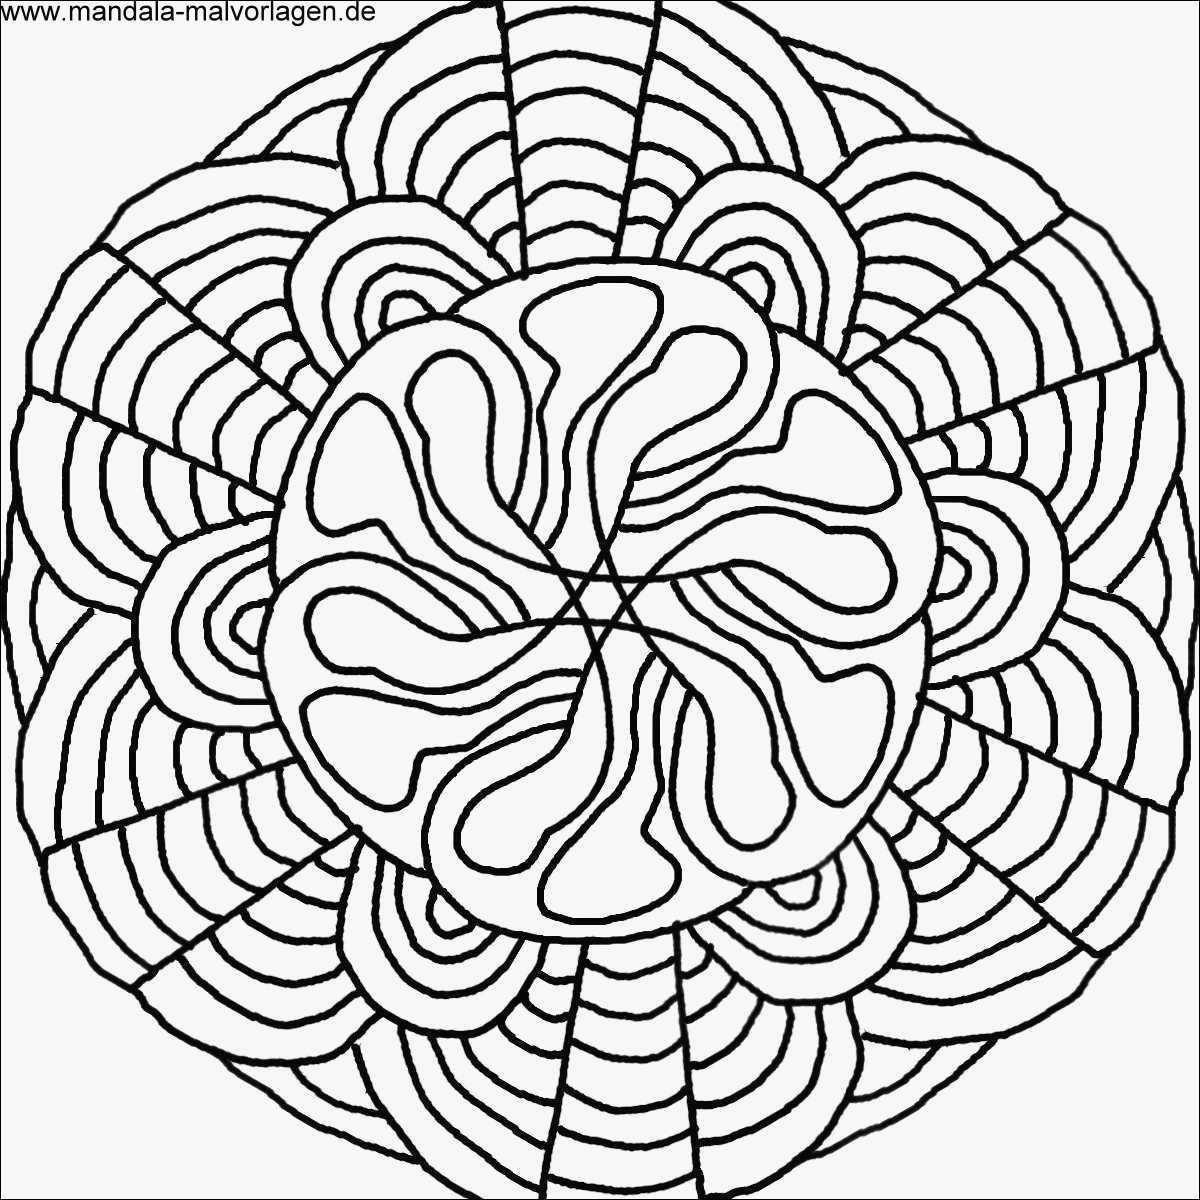 malvorlage rose inspirierend rose herz malvorlage bild lernspiele farbung bilder ausmalbilder bild